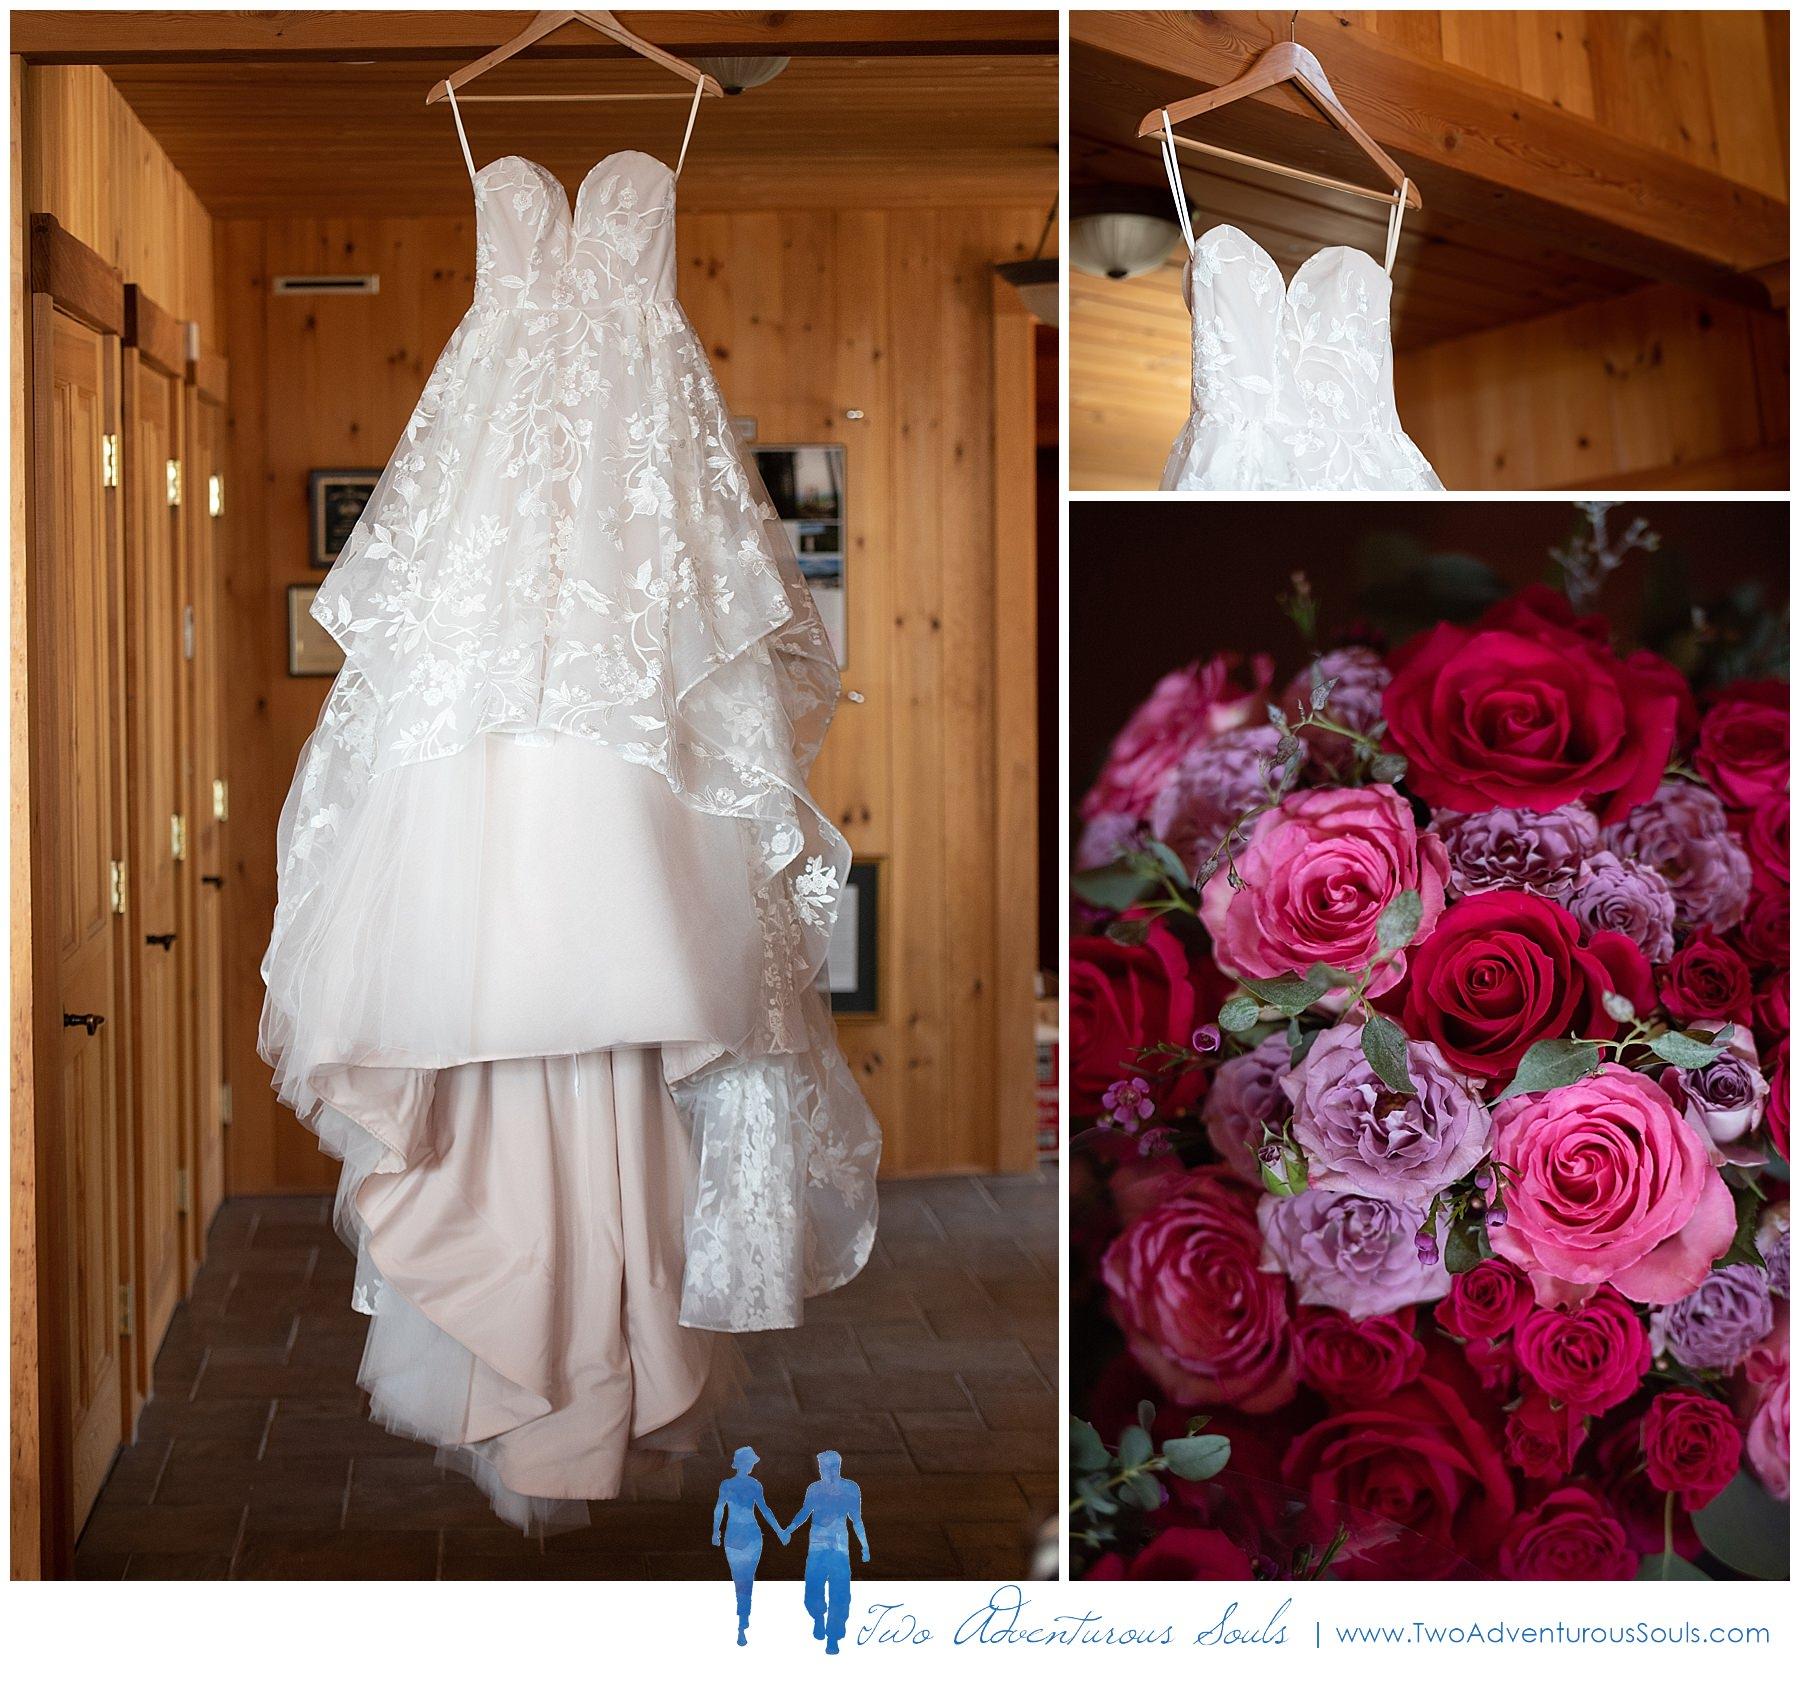 Maine Wedding Photographers, Granite Ridge Estate Wedding Photographers, Two Adventurous Souls - 080319_0001.jpg